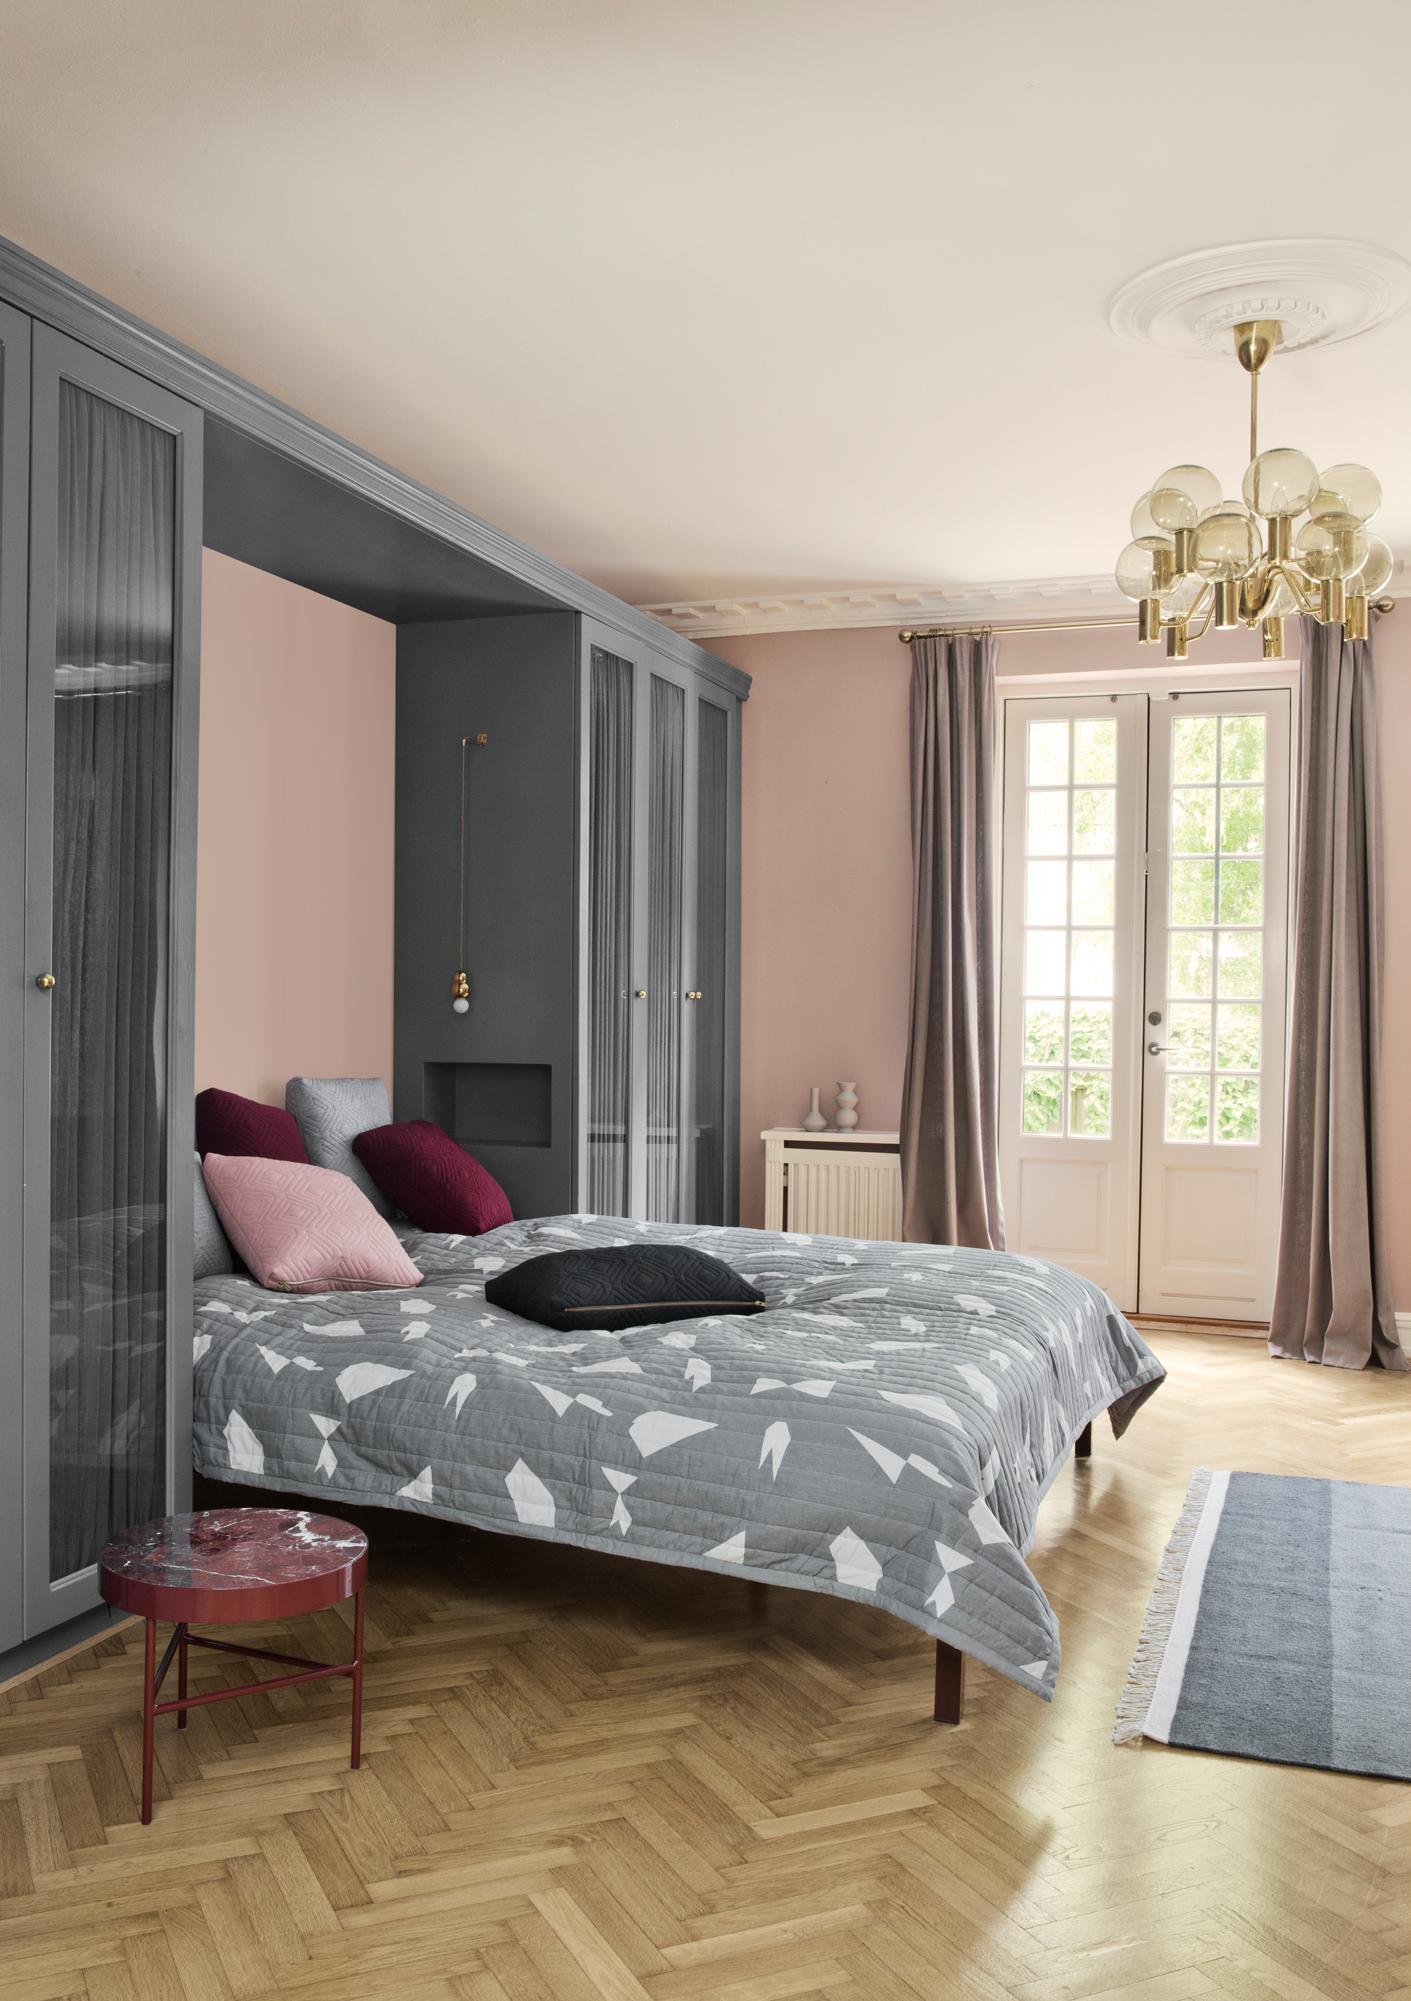 schlafzimmer in grau rosa kronleuchter klappbett grauewandfarbe schlafzimmergestalten ferm living - Rosa Schlafzimmer Gestalten